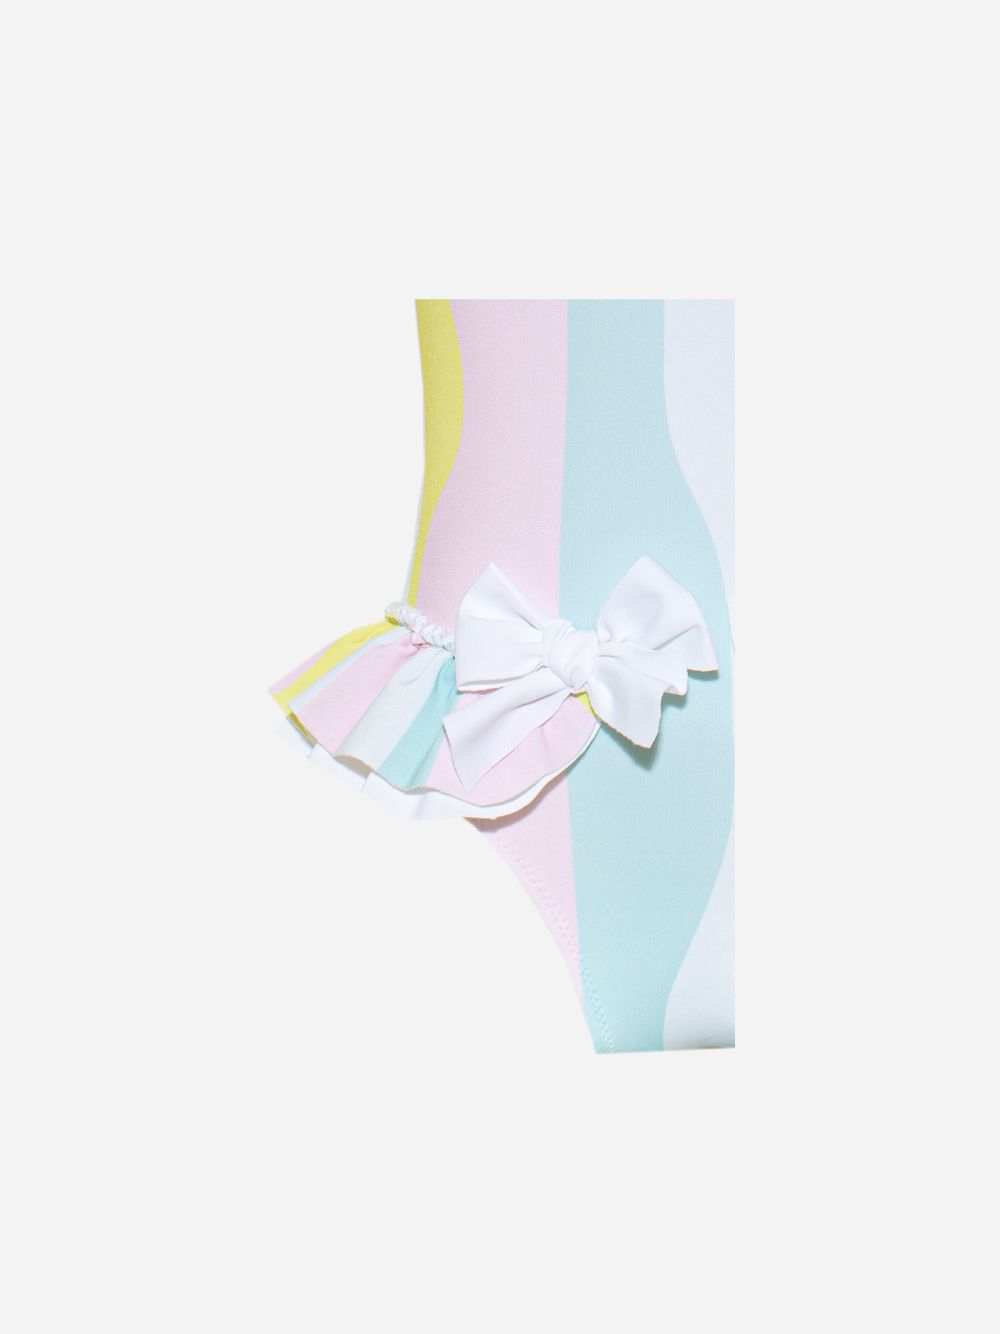 Fato de banho em lycra com um print exclusivo da Patachou | Patachou